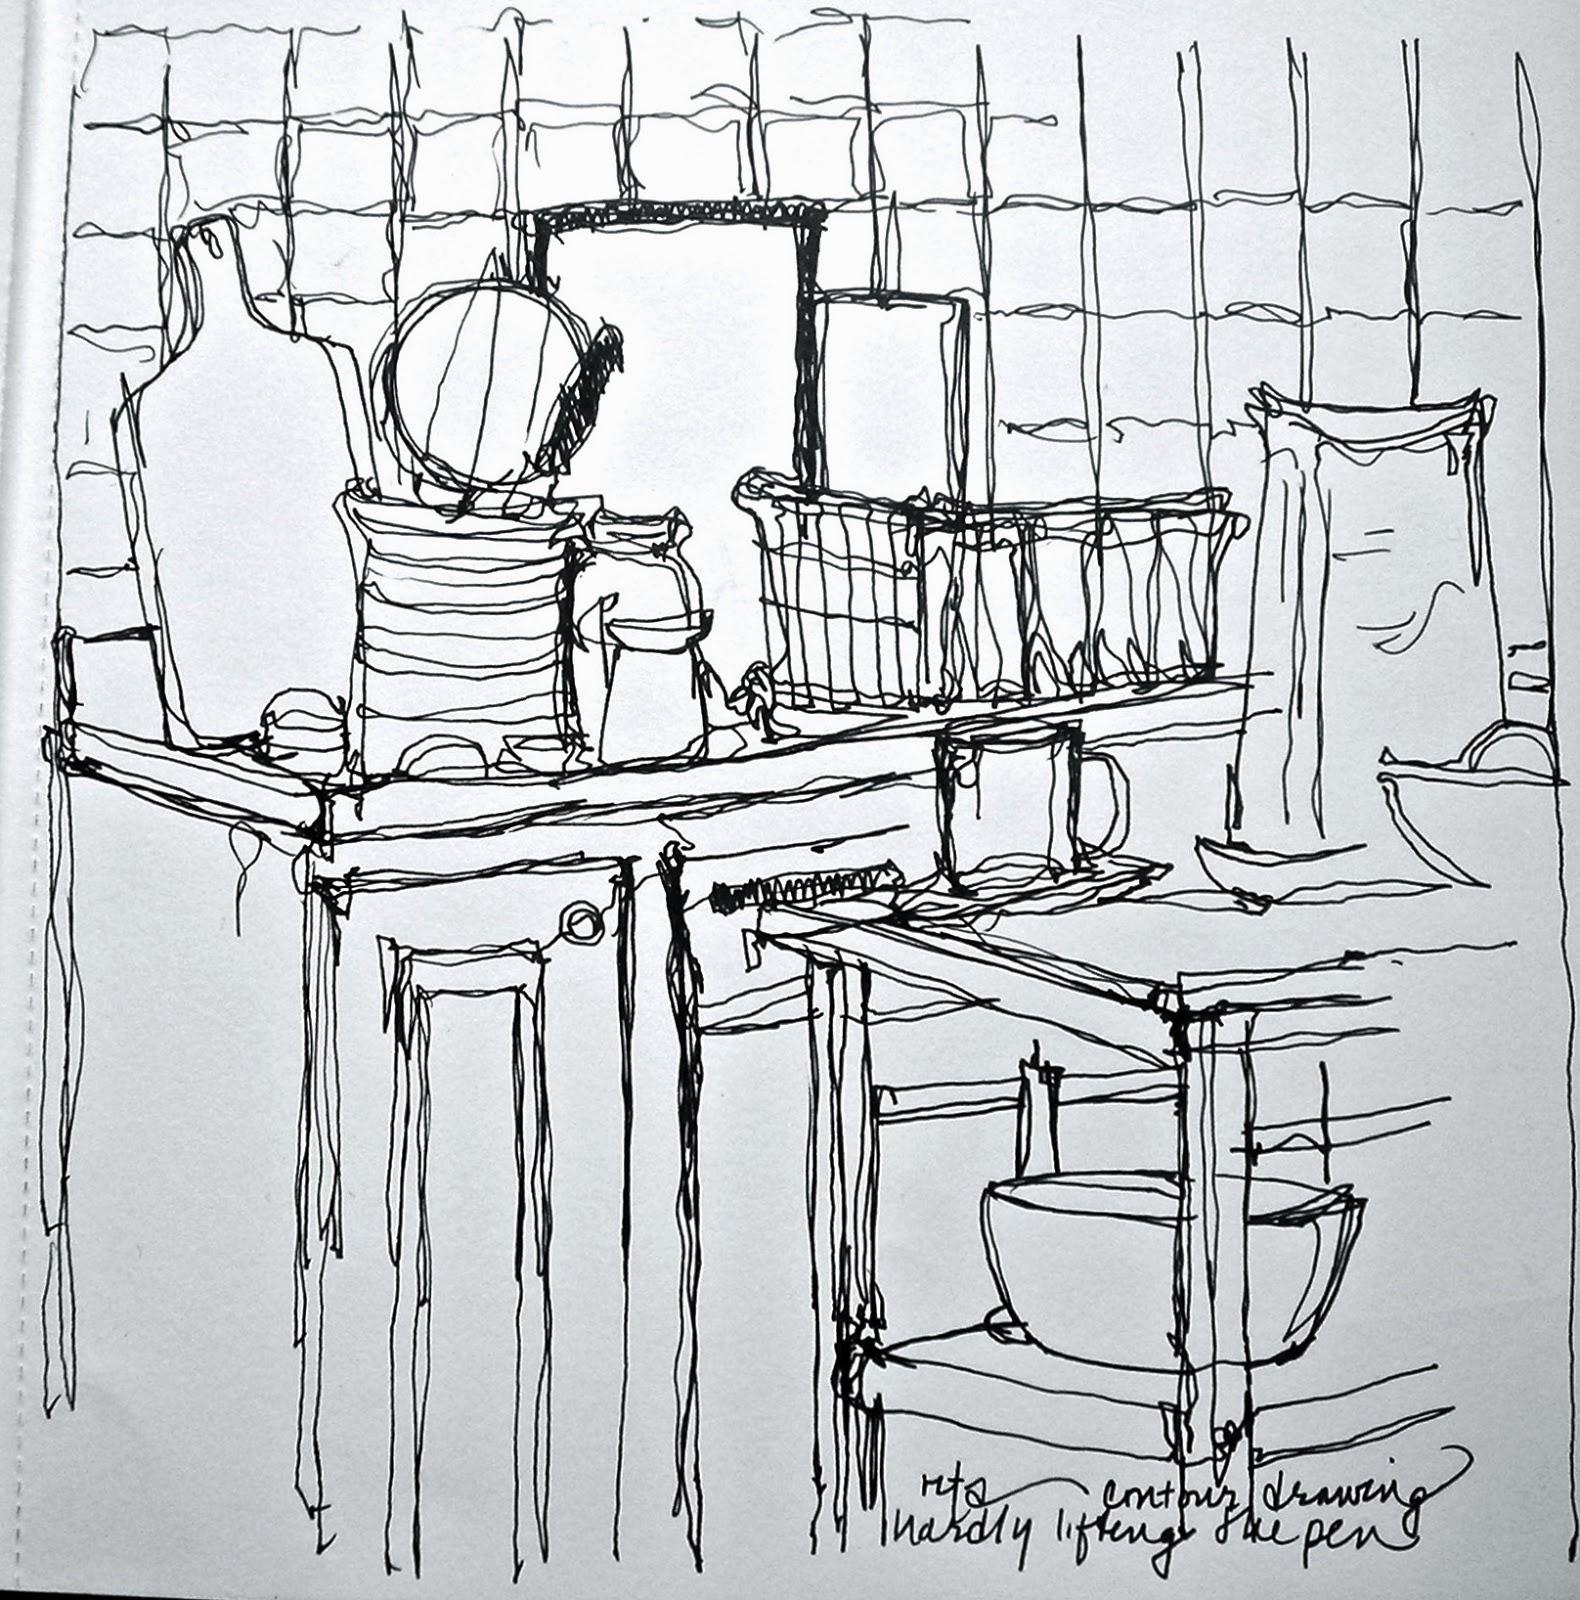 Continuous Contour Line Drawing : Sketchbook wandering continuous line contour drawing